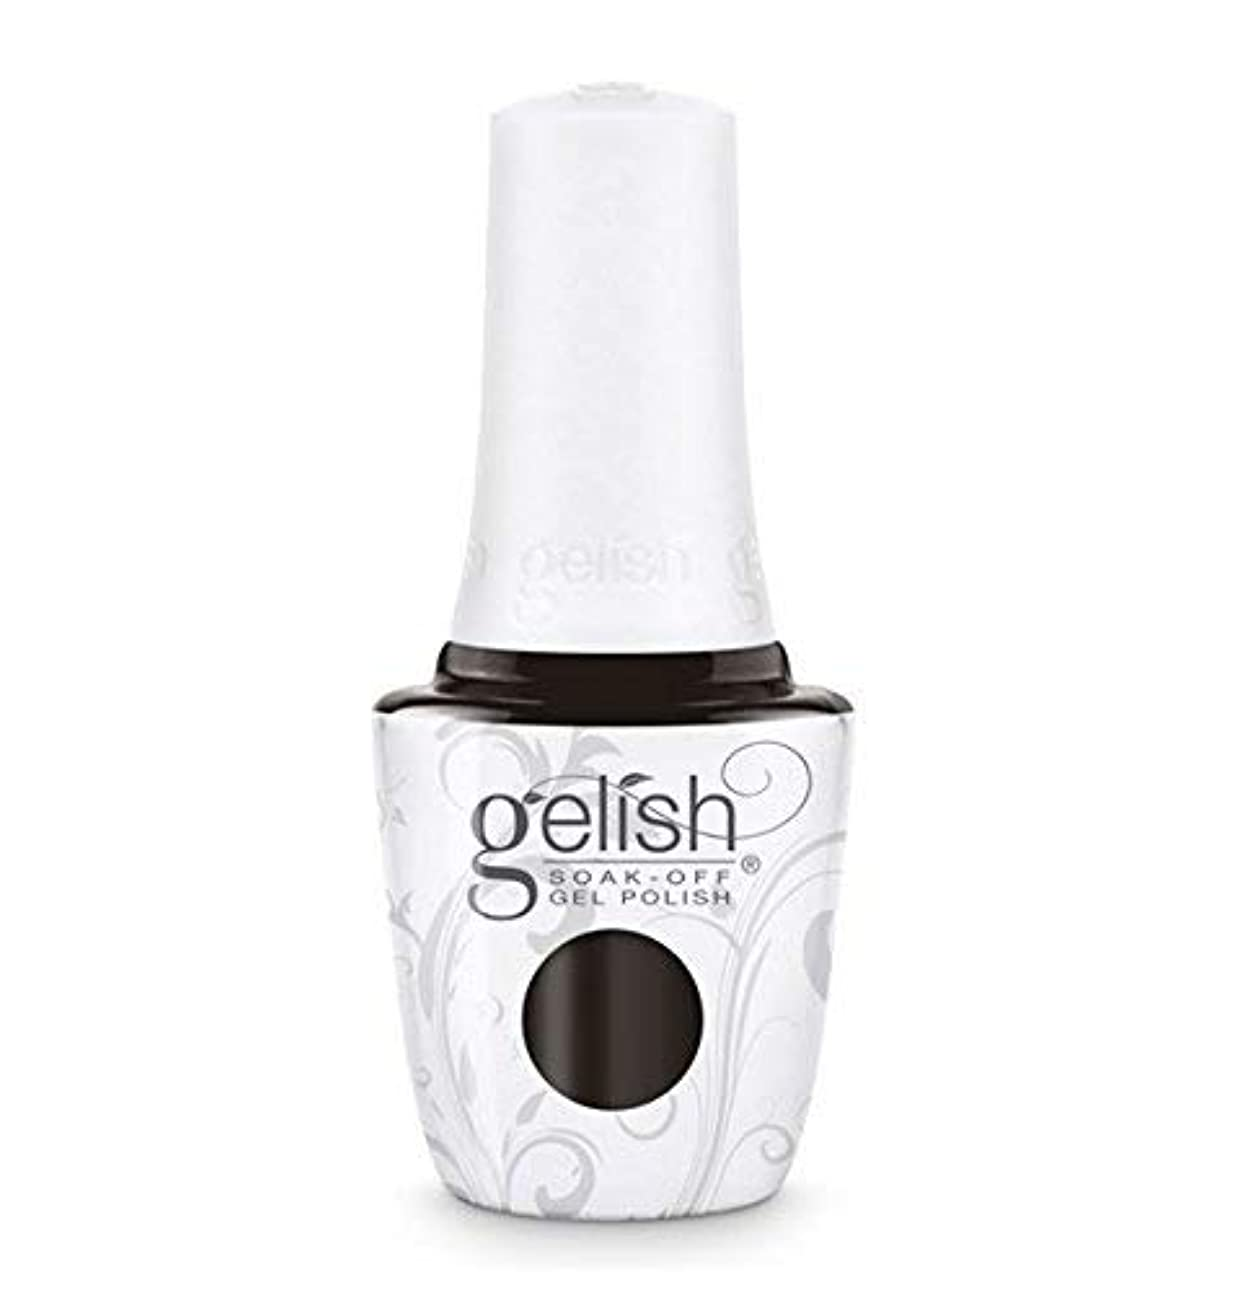 究極の雄弁髄Gelish Soak-Off Gel - African Safari Collection - Off The Grid - 15 ml/05 oz